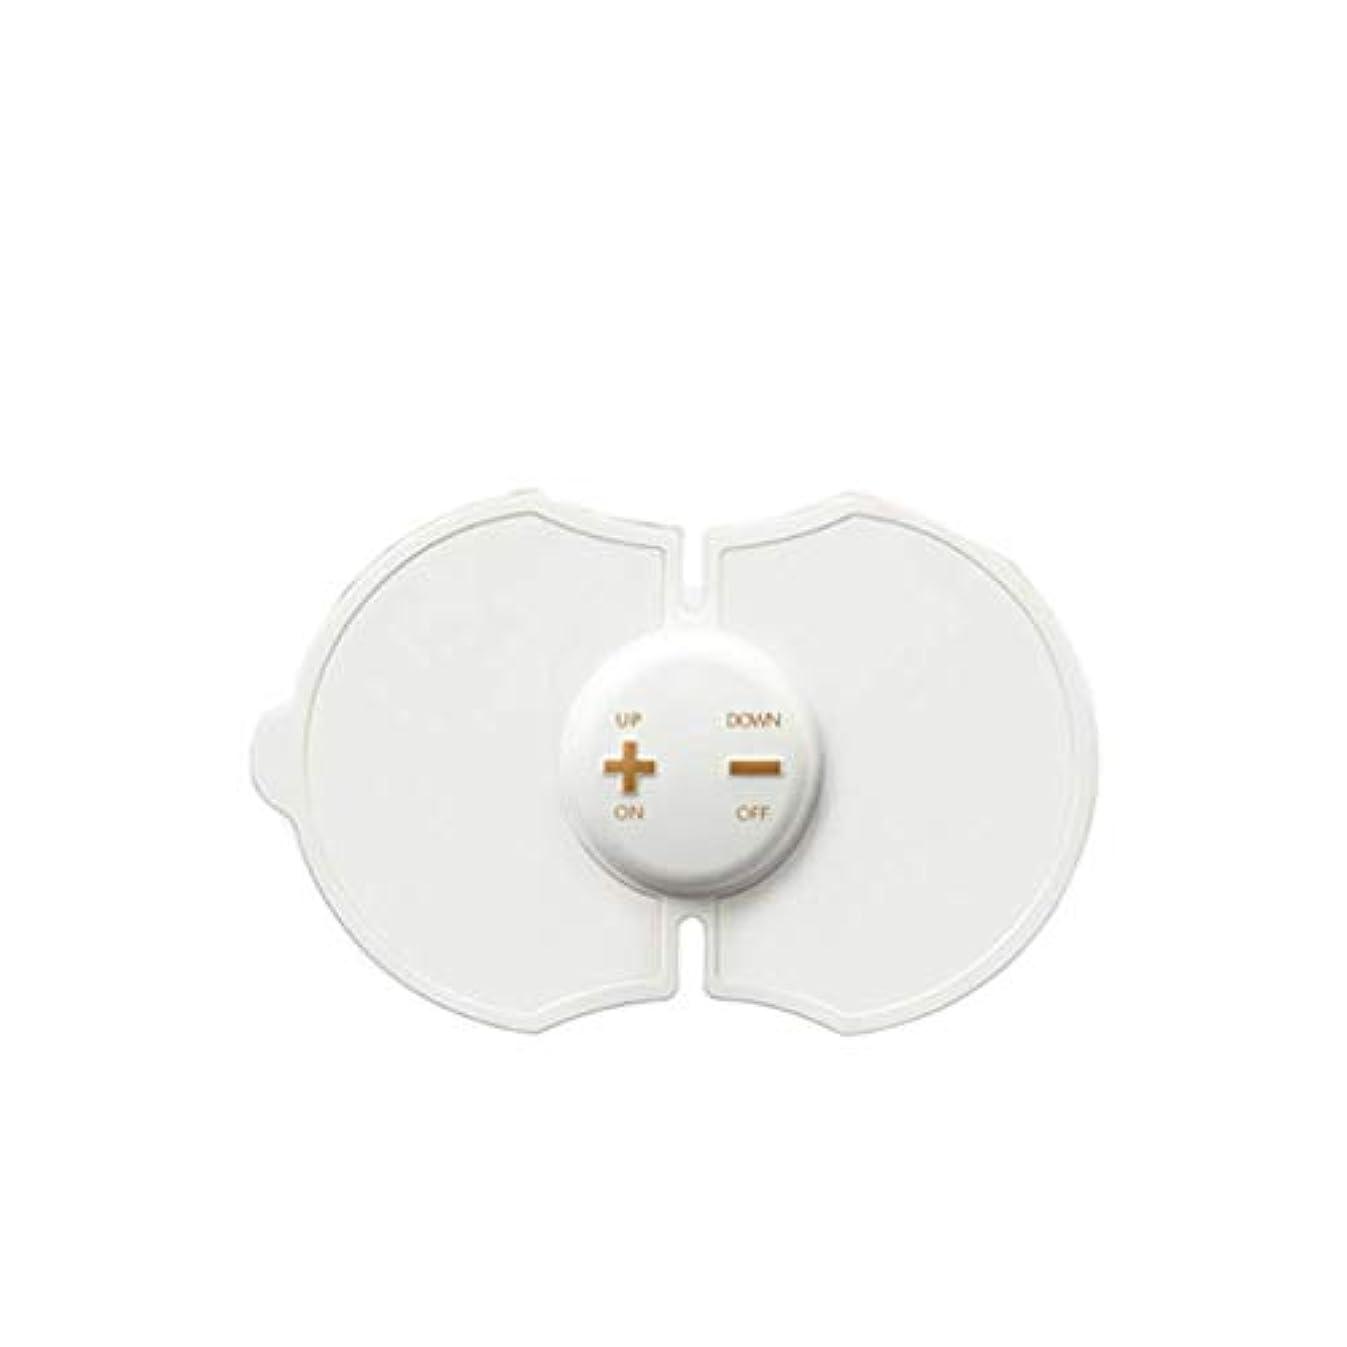 サンプル熟したミットマッサージャー、ポータブルミニネック|ショルダーマッサージャー、USB充電式電動ディープマッサージツール、マッスルリラクゼーションにより、ホームオフィスの痛みを軽減